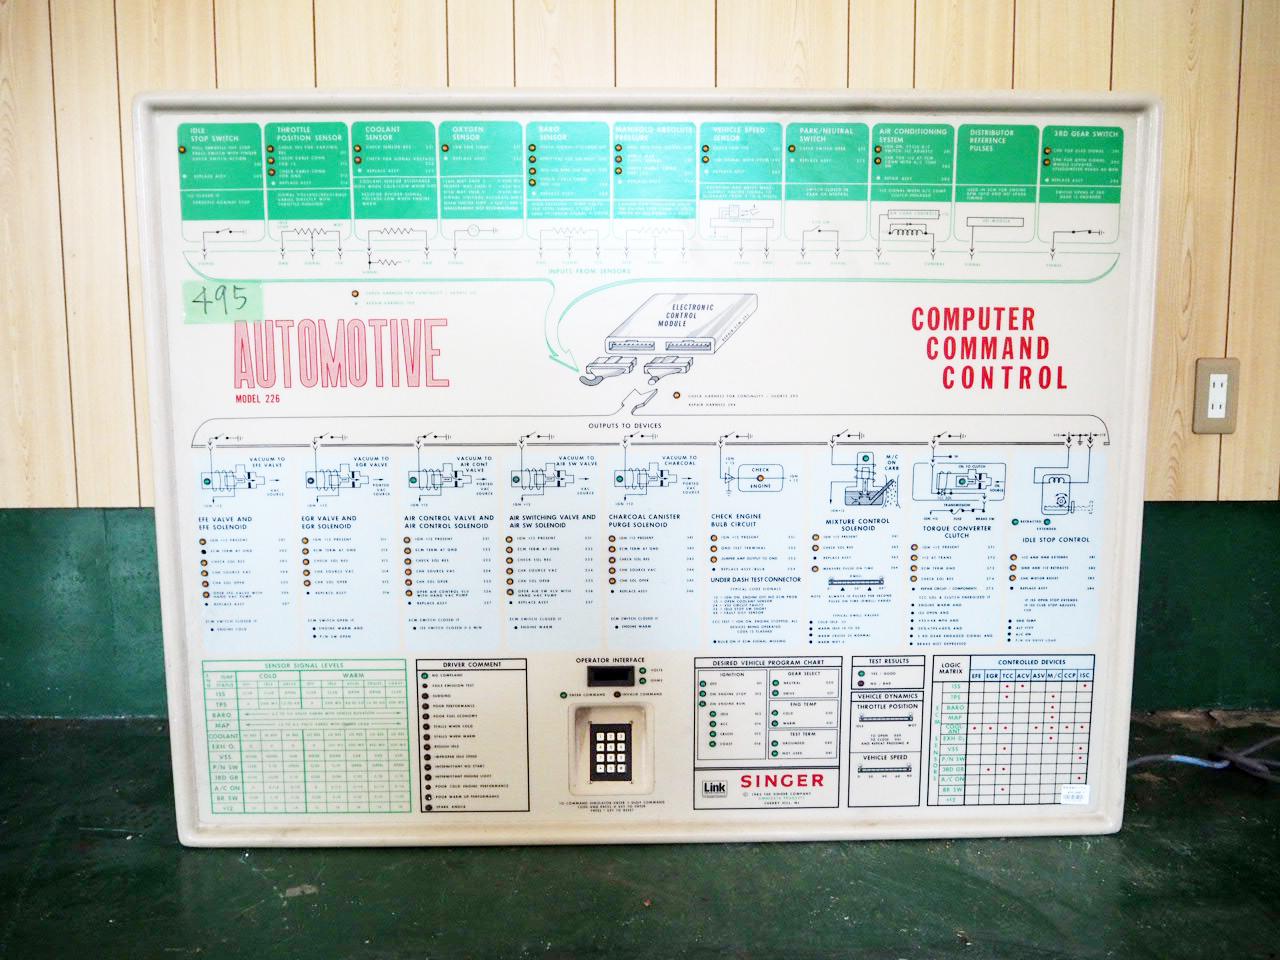 品番4958 AUTOMOTIVE モデル 226 車修理電子パネル アメリカン ヴィンテージ 雑貨